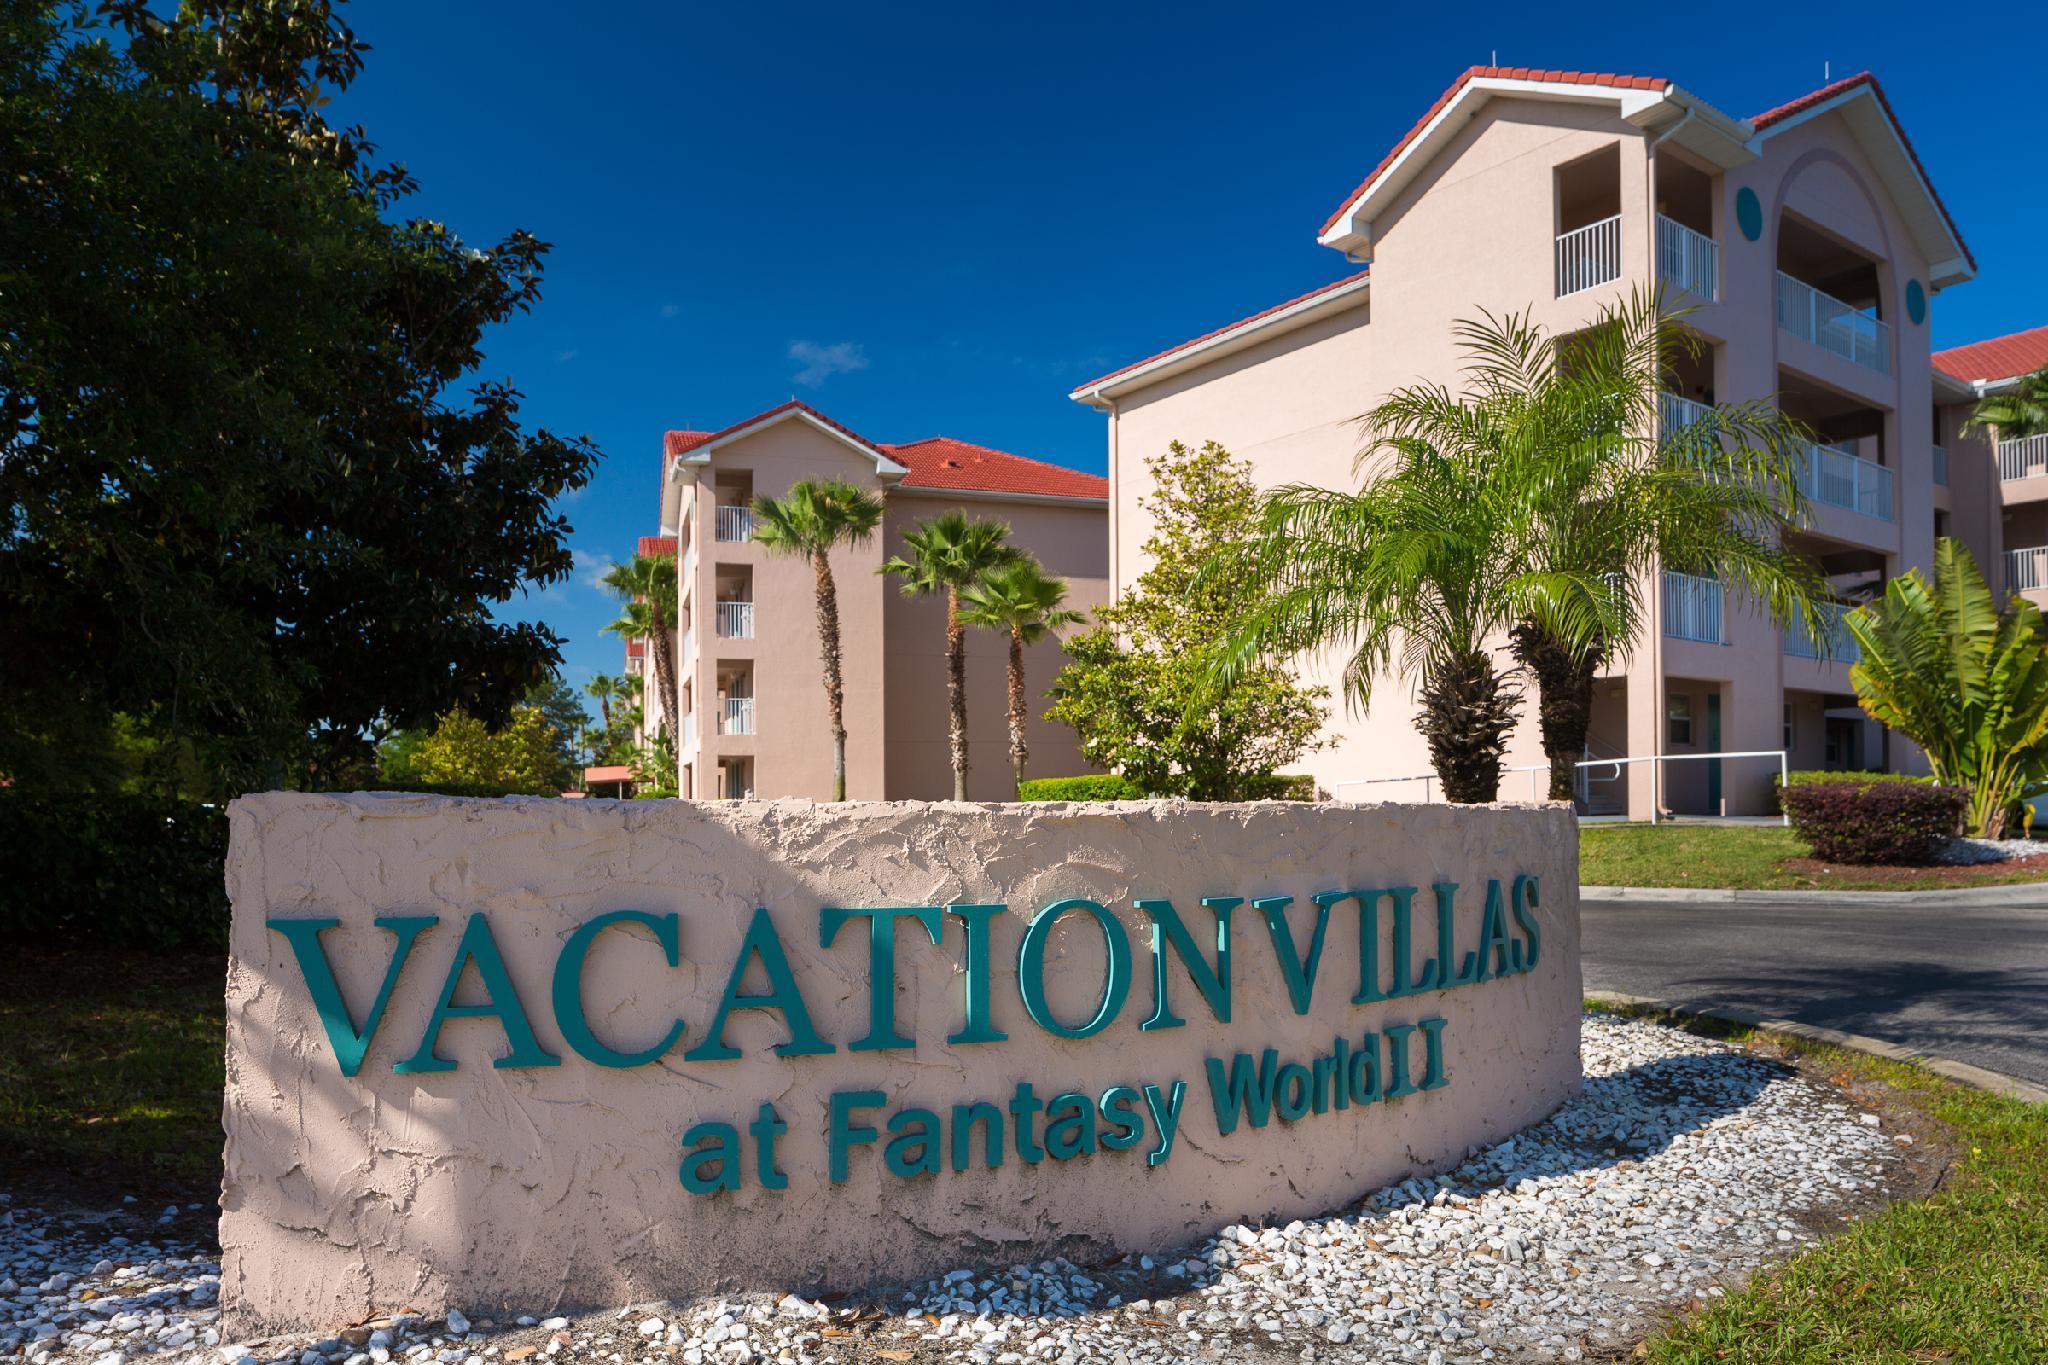 Vacation Villas At FantasyWorld Two